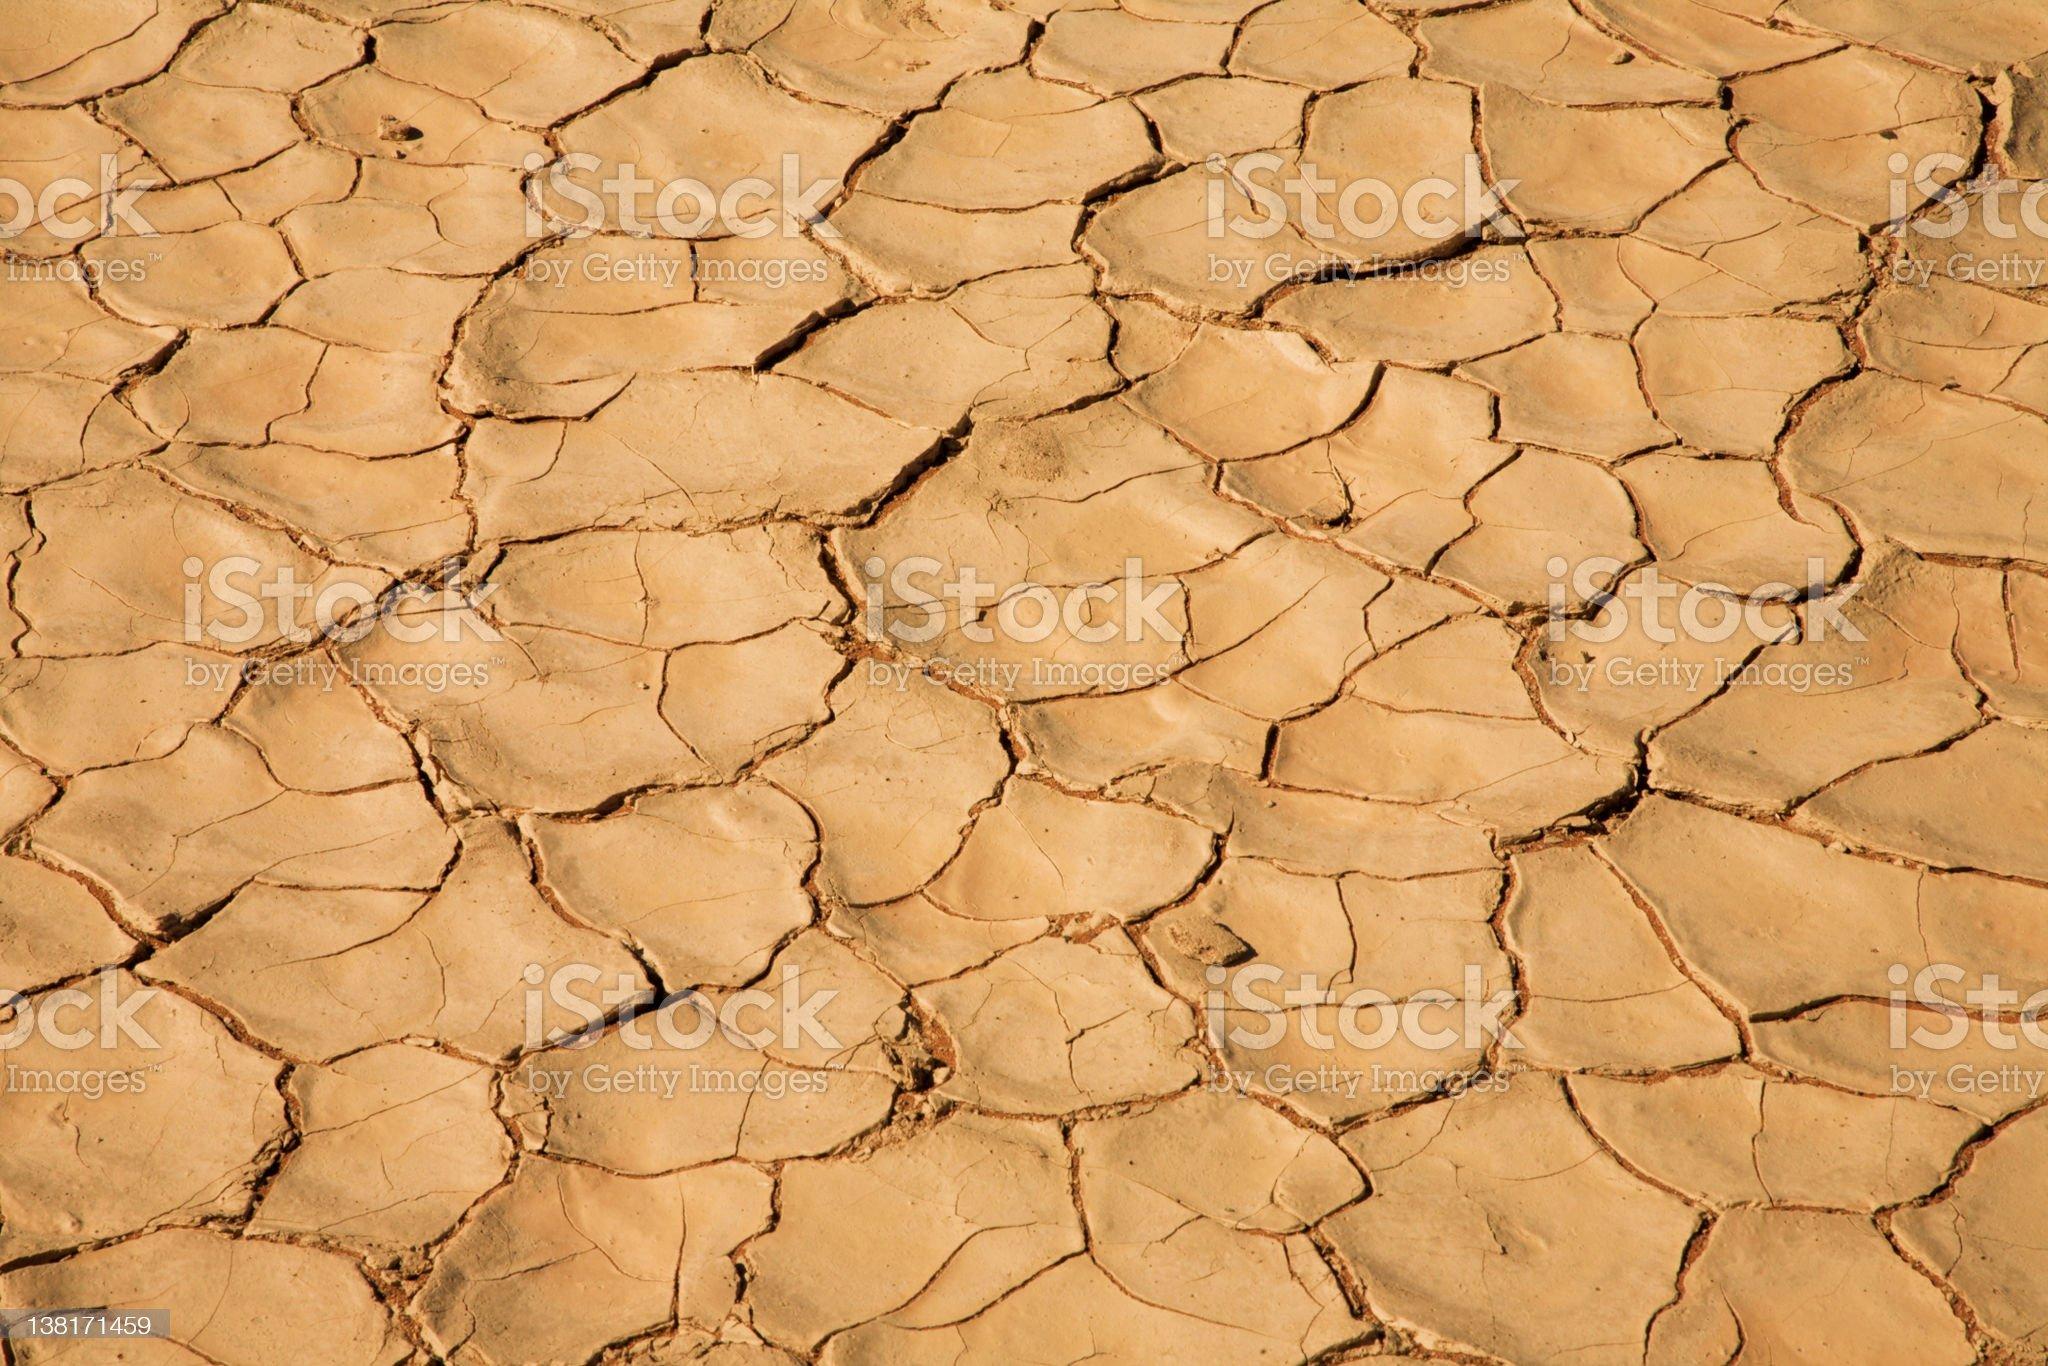 Dry Namib desert textures royalty-free stock photo